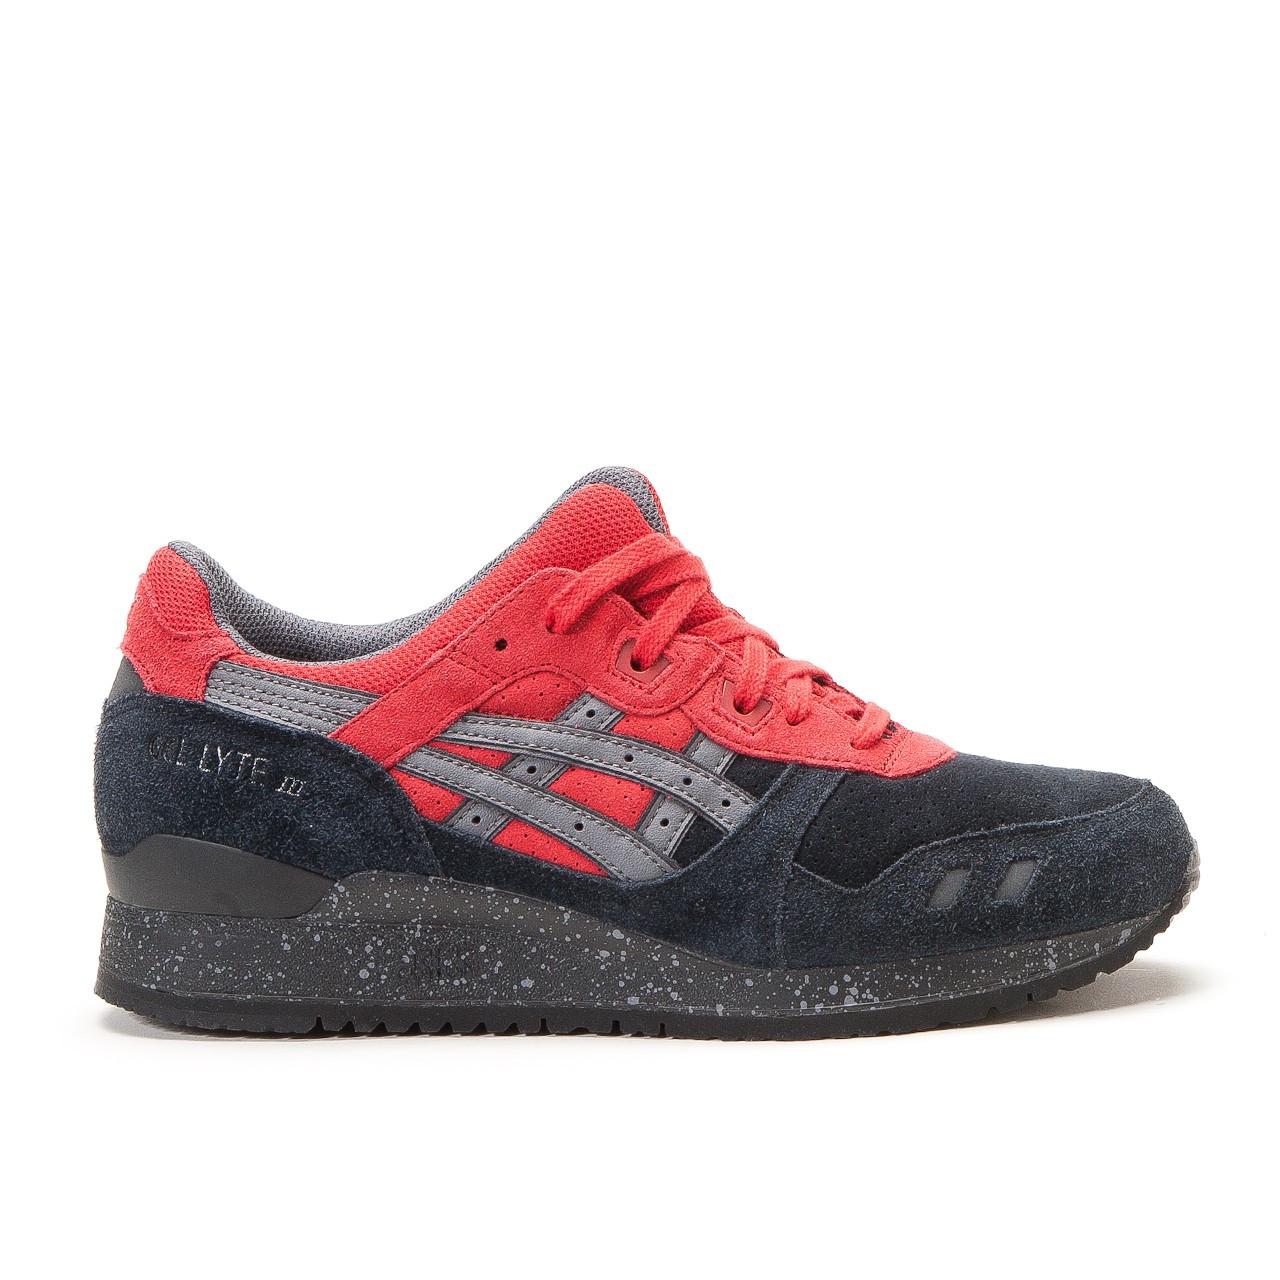 Мужские кроссовки Asics Gel Lyte III X Mas Pack Bad Santa Black Red